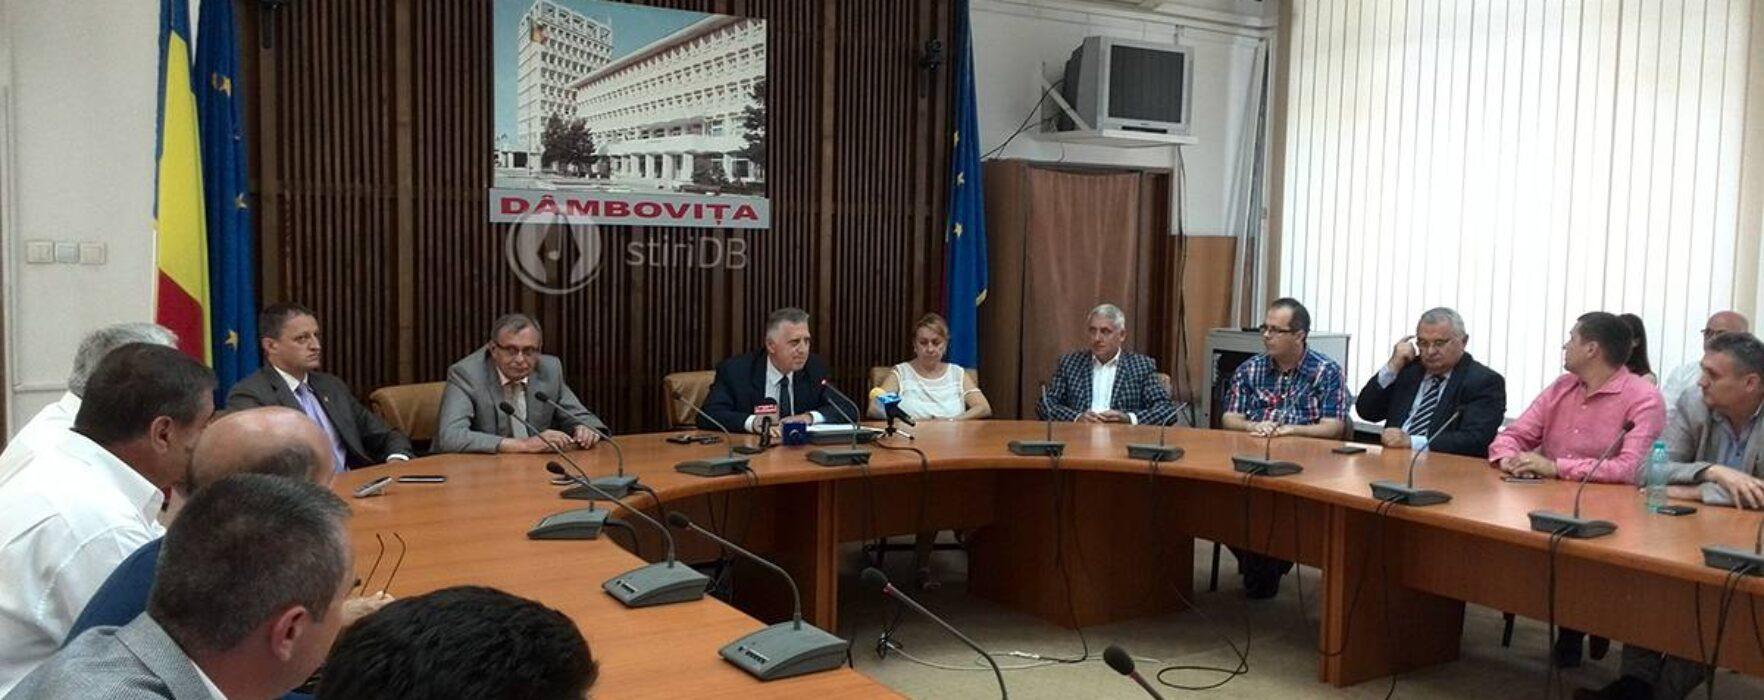 Dâmboviţa: Consilierii judeţeni nou aleşi au primit certificate doveditoare